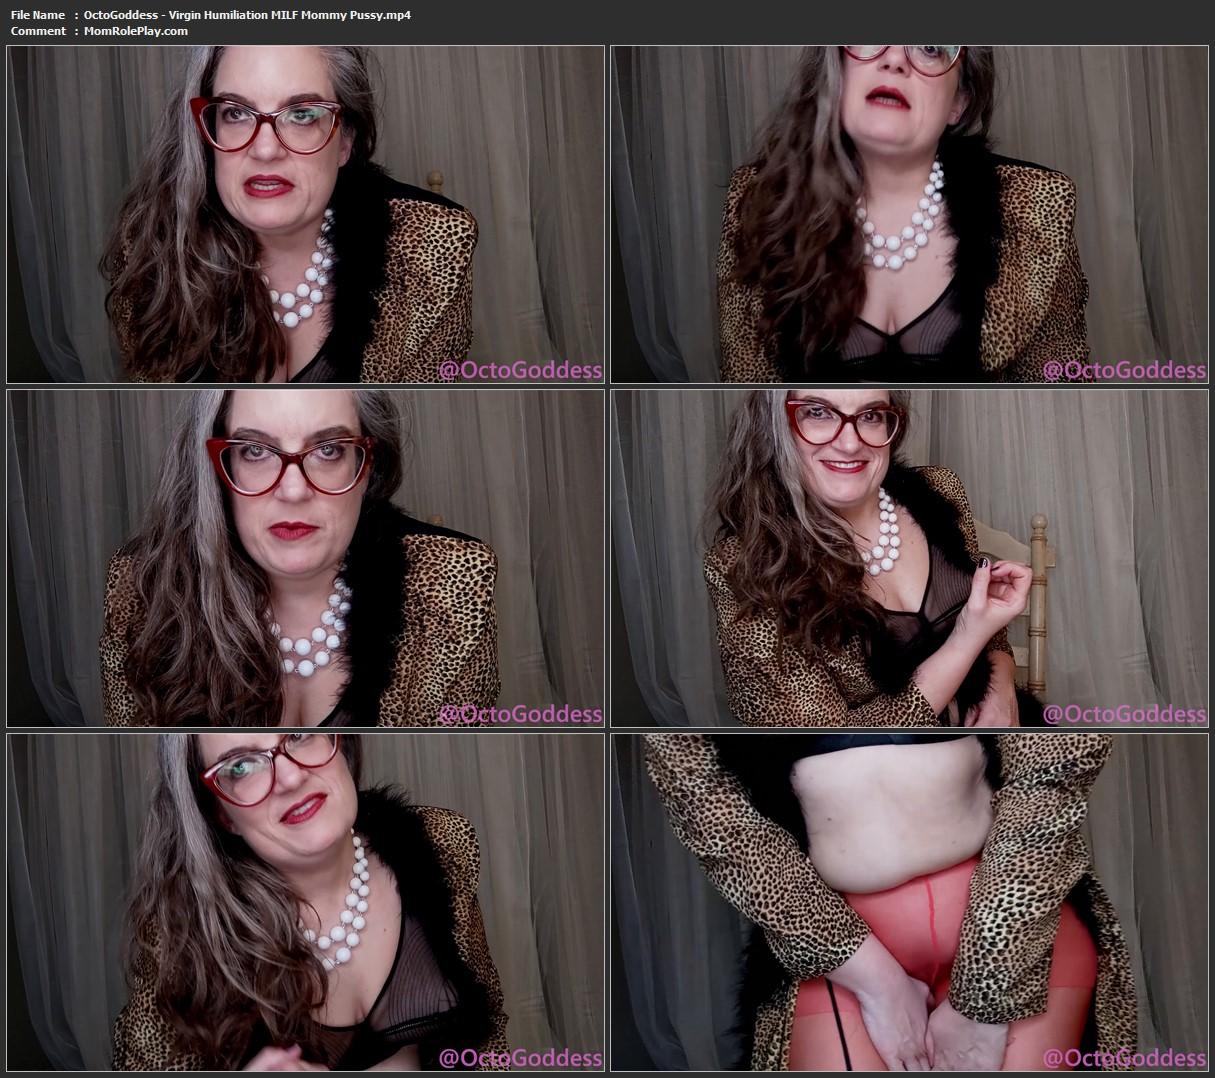 OctoGoddess - Virgin Humiliation MILF Mommy Pussy